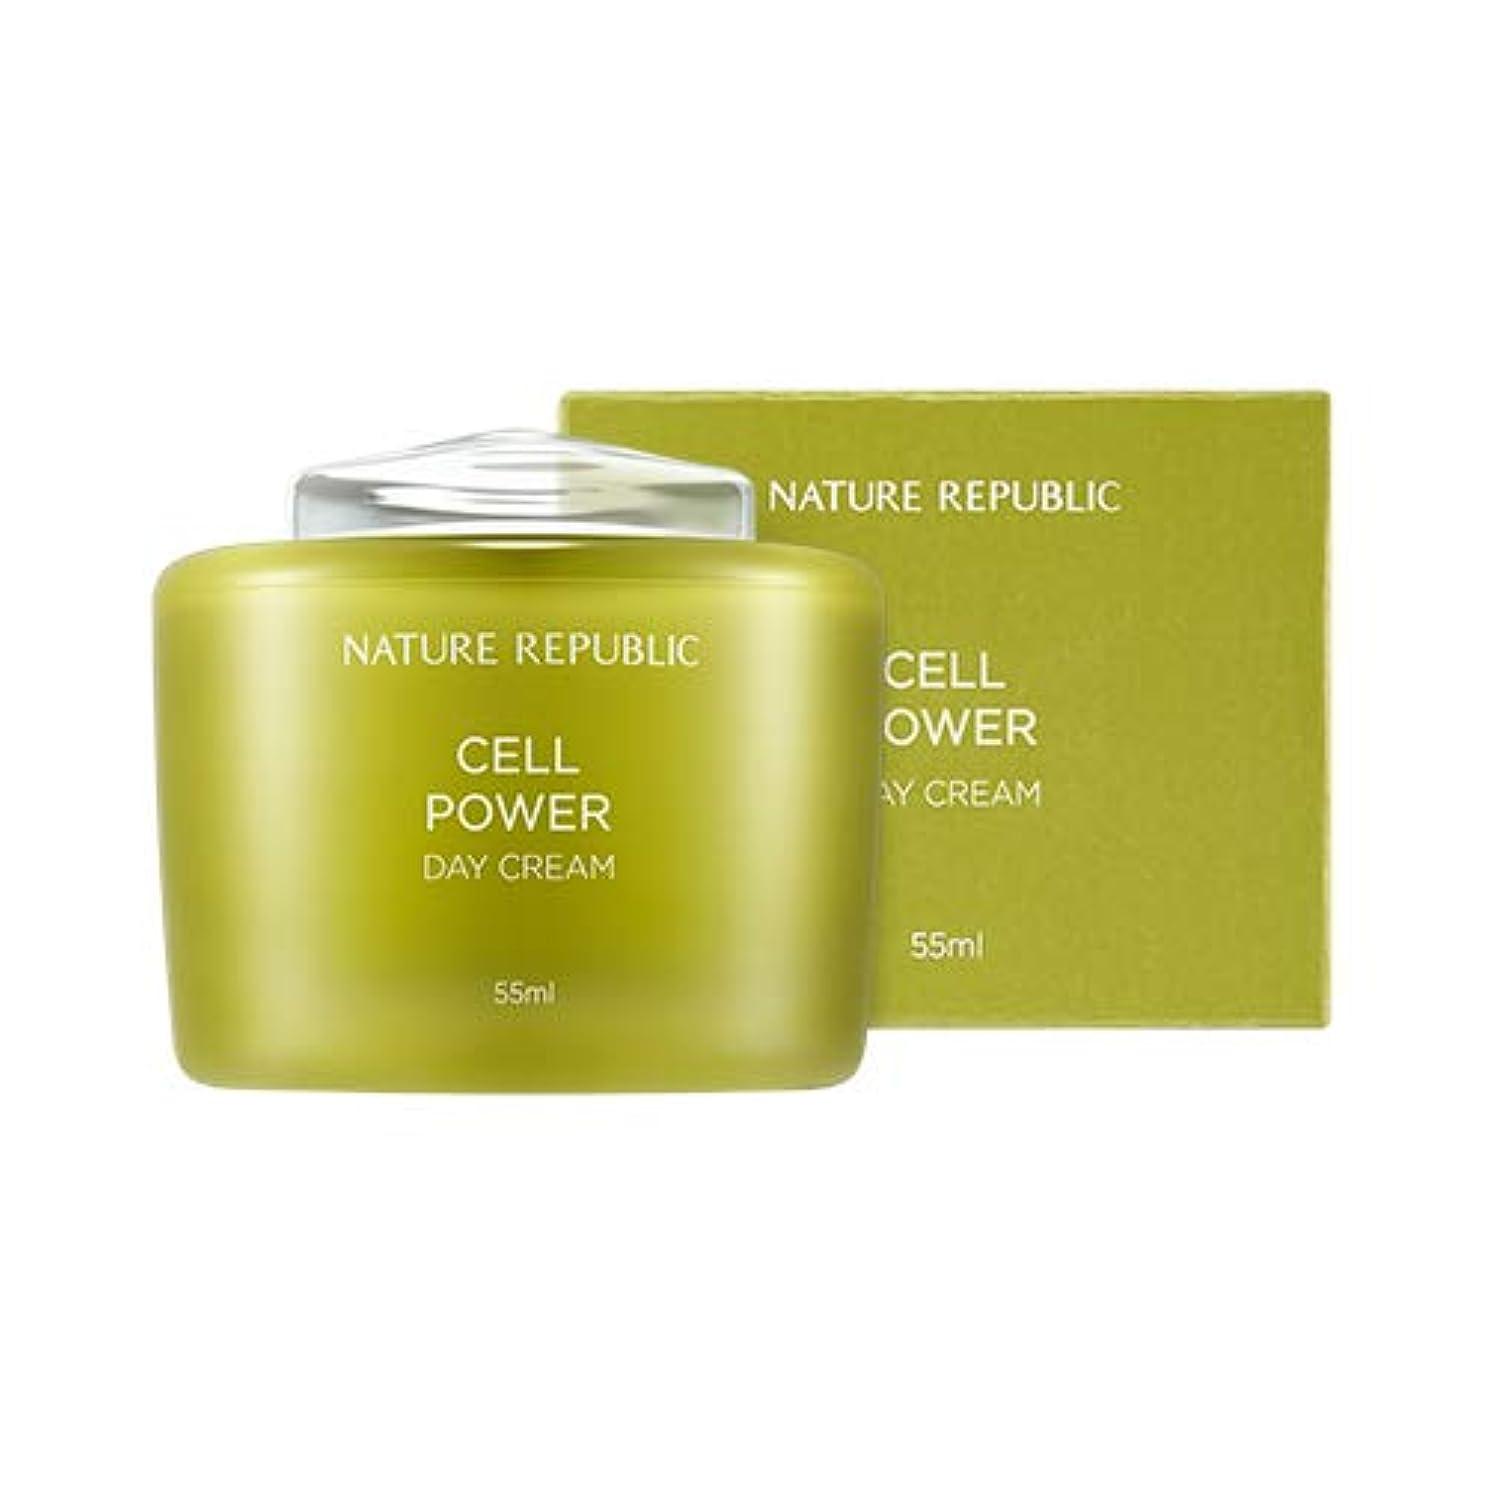 時代遅ればかげたゲートNATURE REPUBLIC Cell Power Day Cream/ネイチャーリパブリック セルパワー デイクリーム 55ml [並行輸入品]